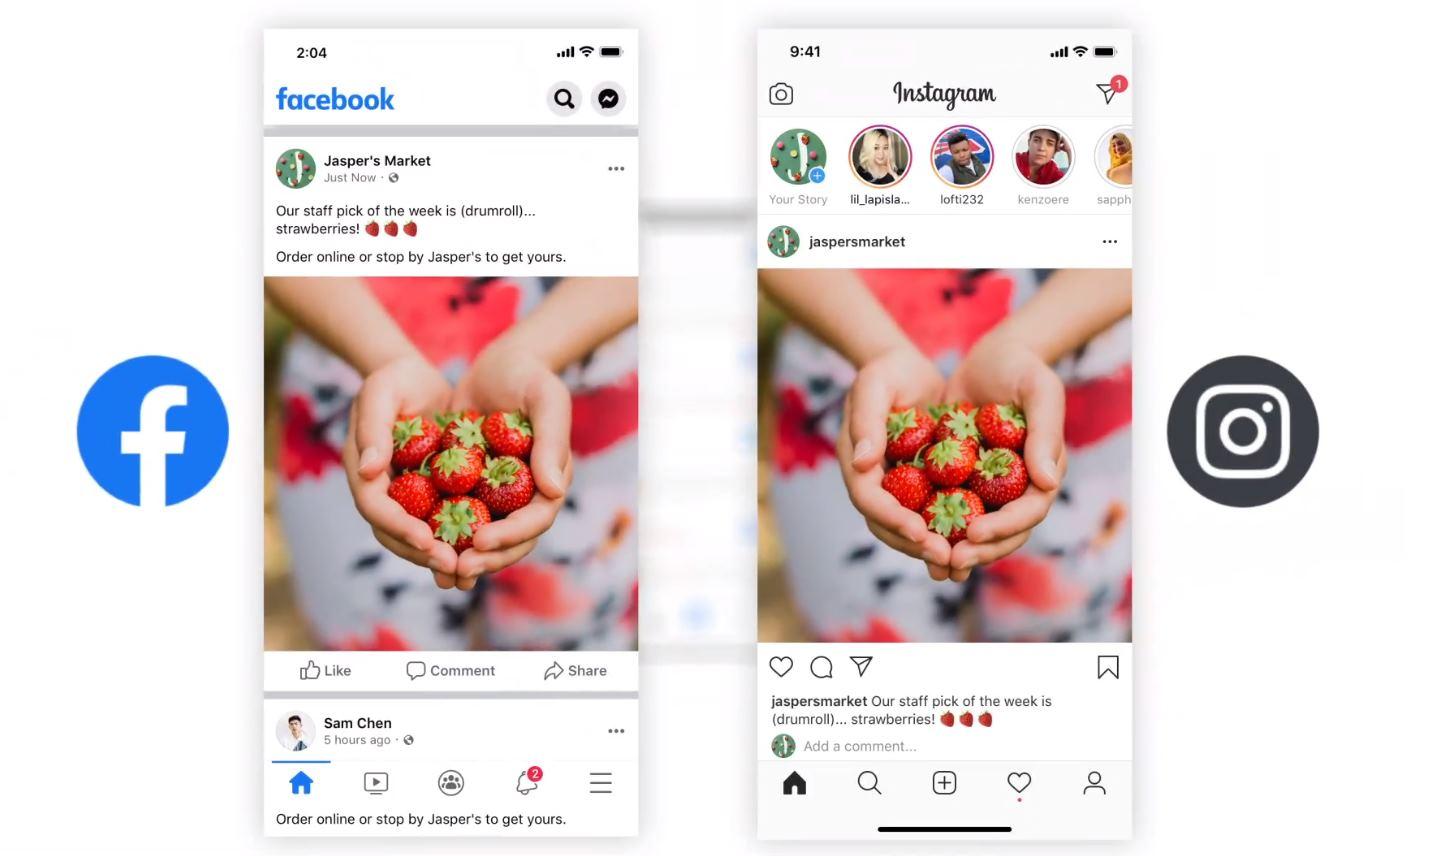 Facebook lanza Facebook Business Suite, para administrar cuentas comerciales en Facebook, Instagram y Messenger